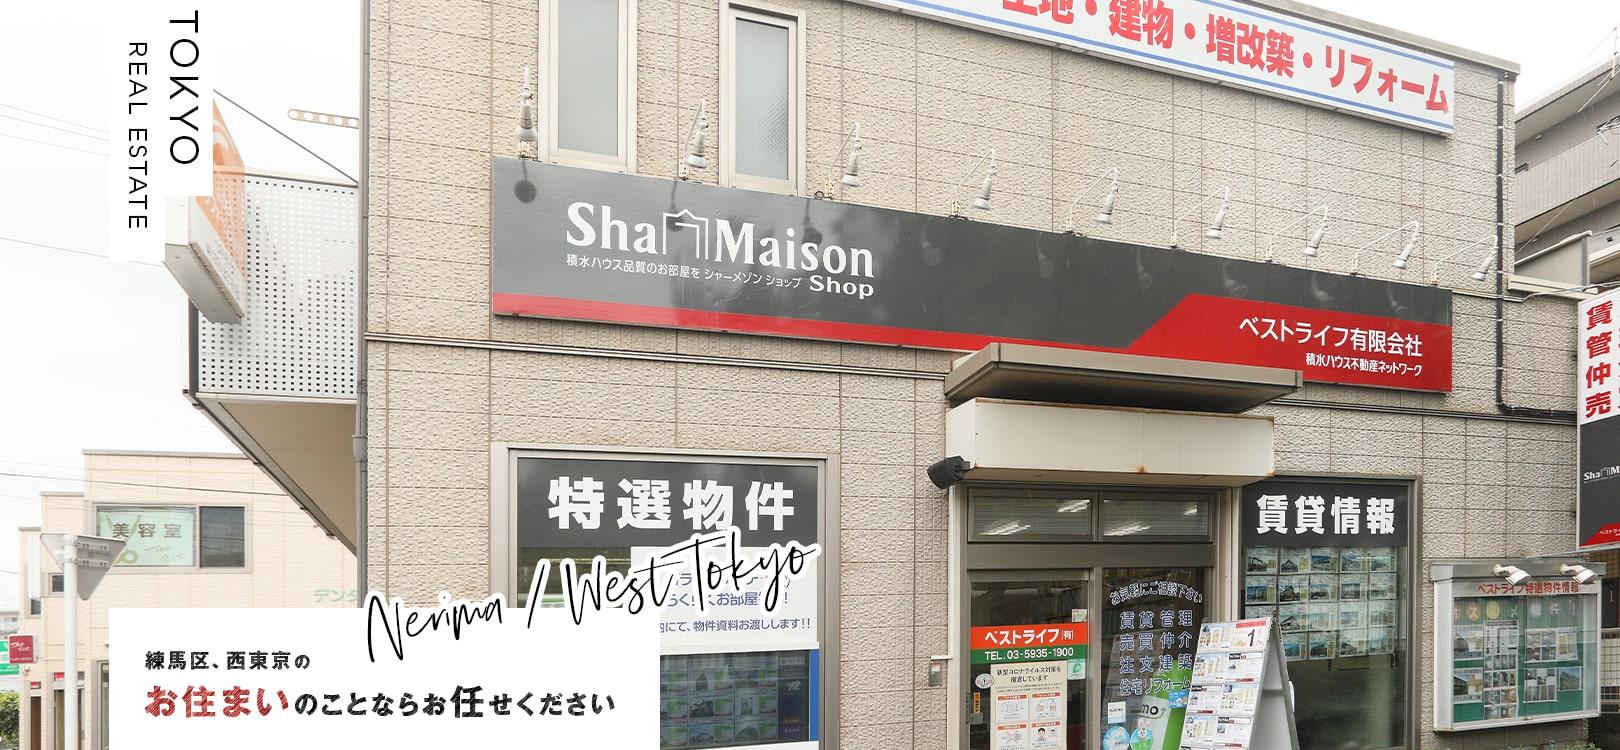 練馬区、西東京のお住まいのことならお任せ下さい